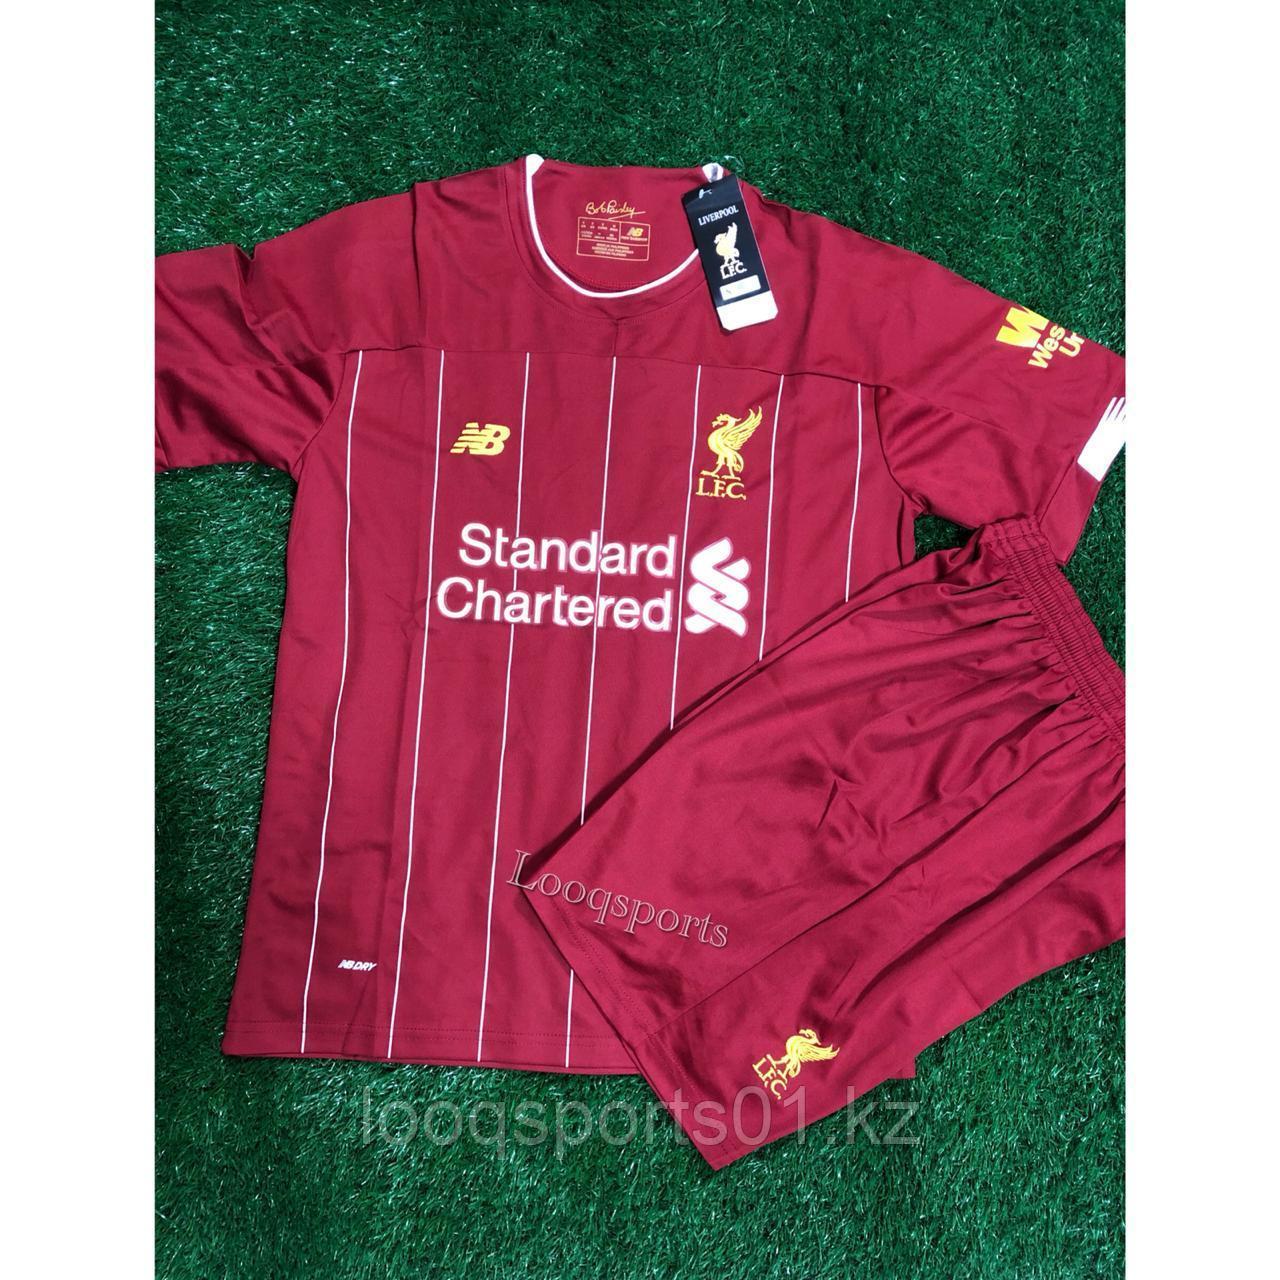 Футбольная форма 19/20 Ливерпуль (Liverpool)